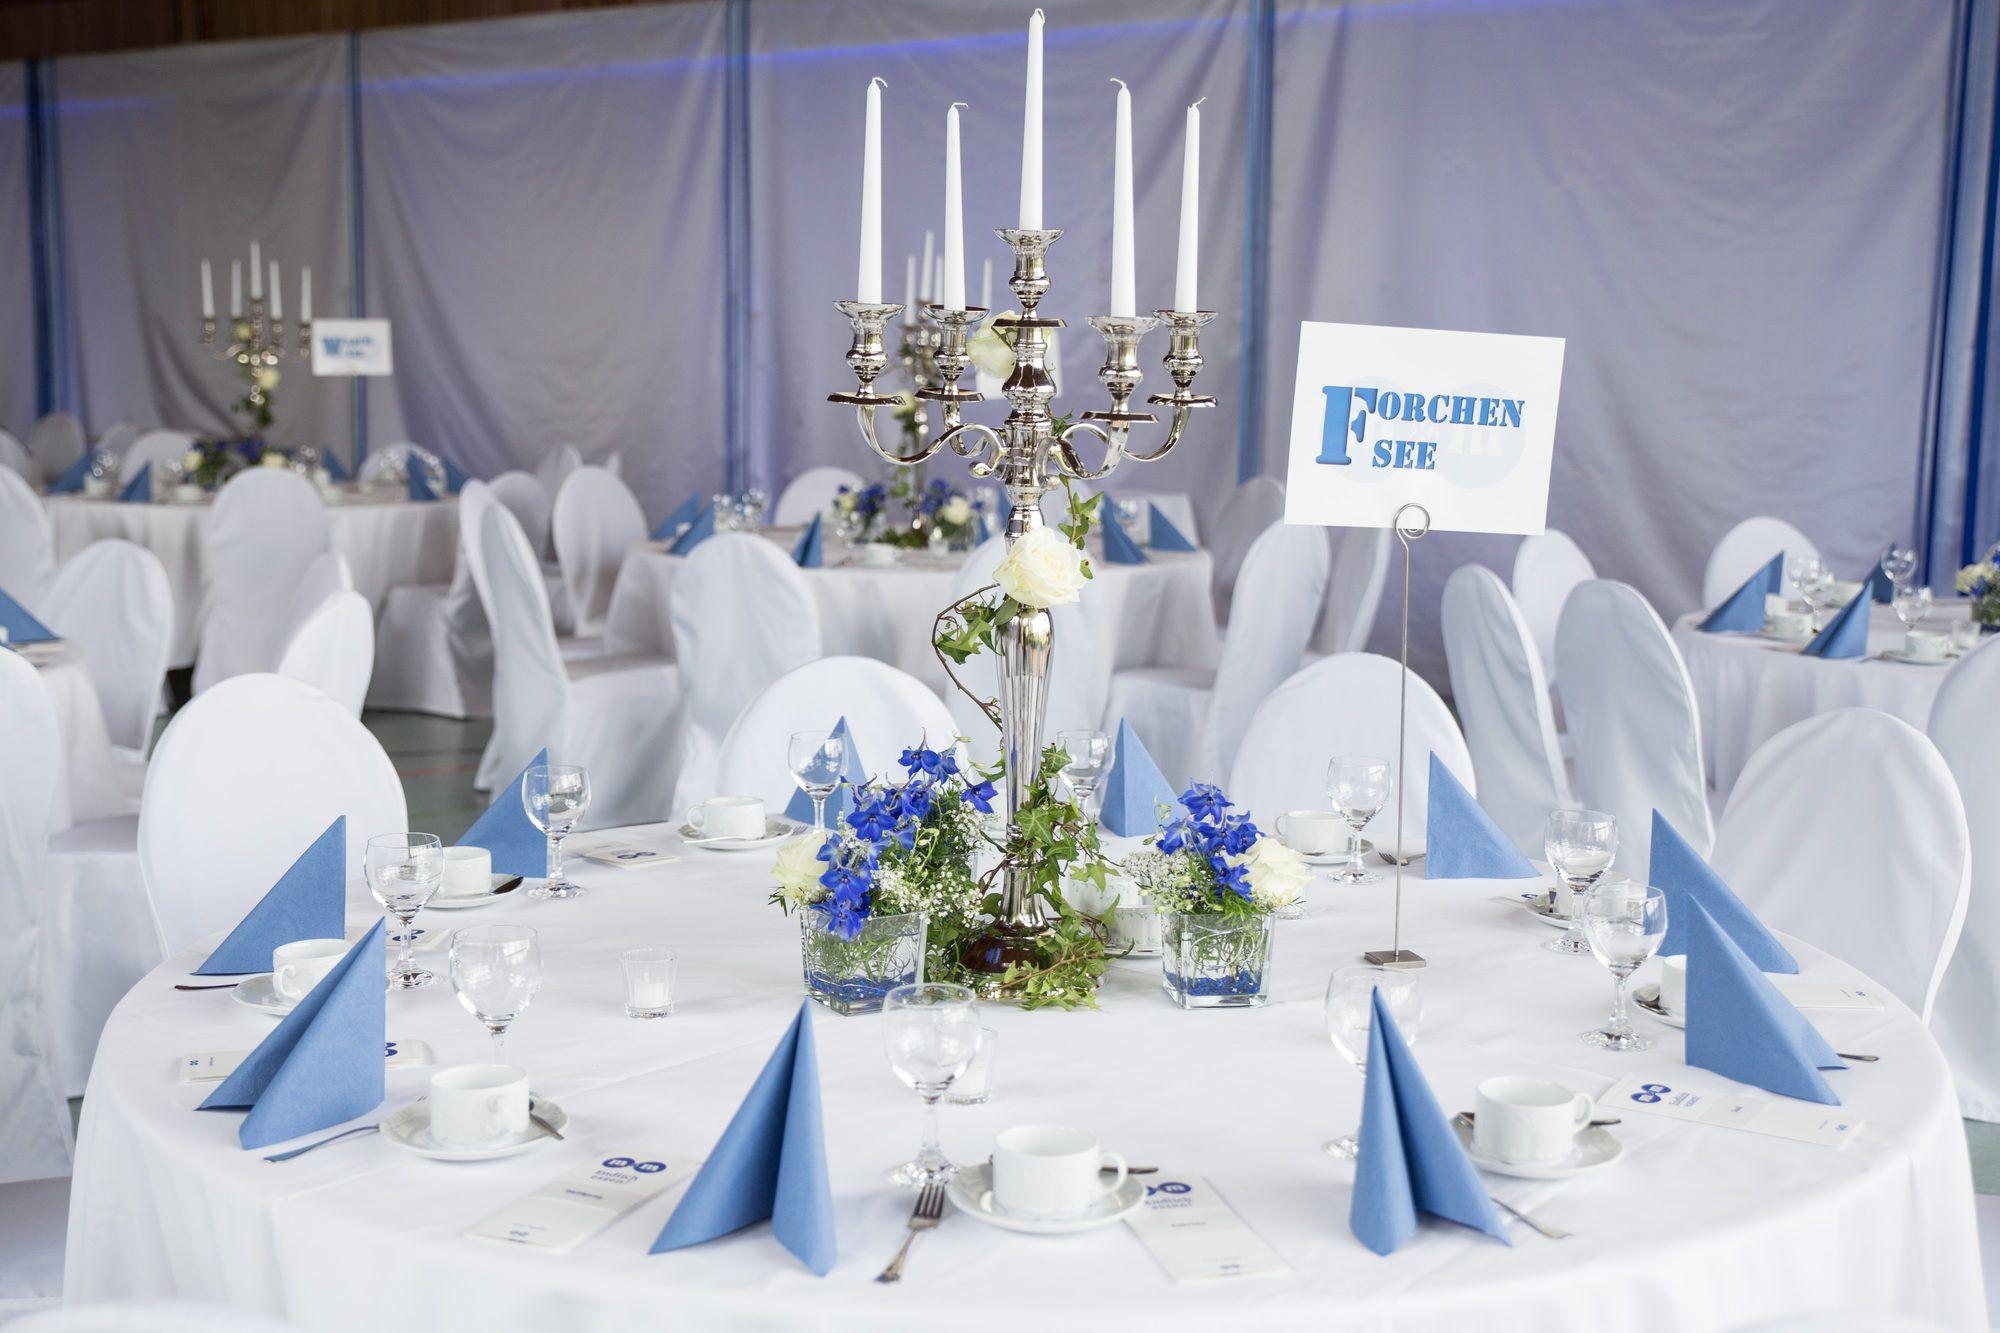 Hochzeit M M Hochzeit Deko Tisch Hochzeit Tisch Ideen Hellblaue Hochzeit